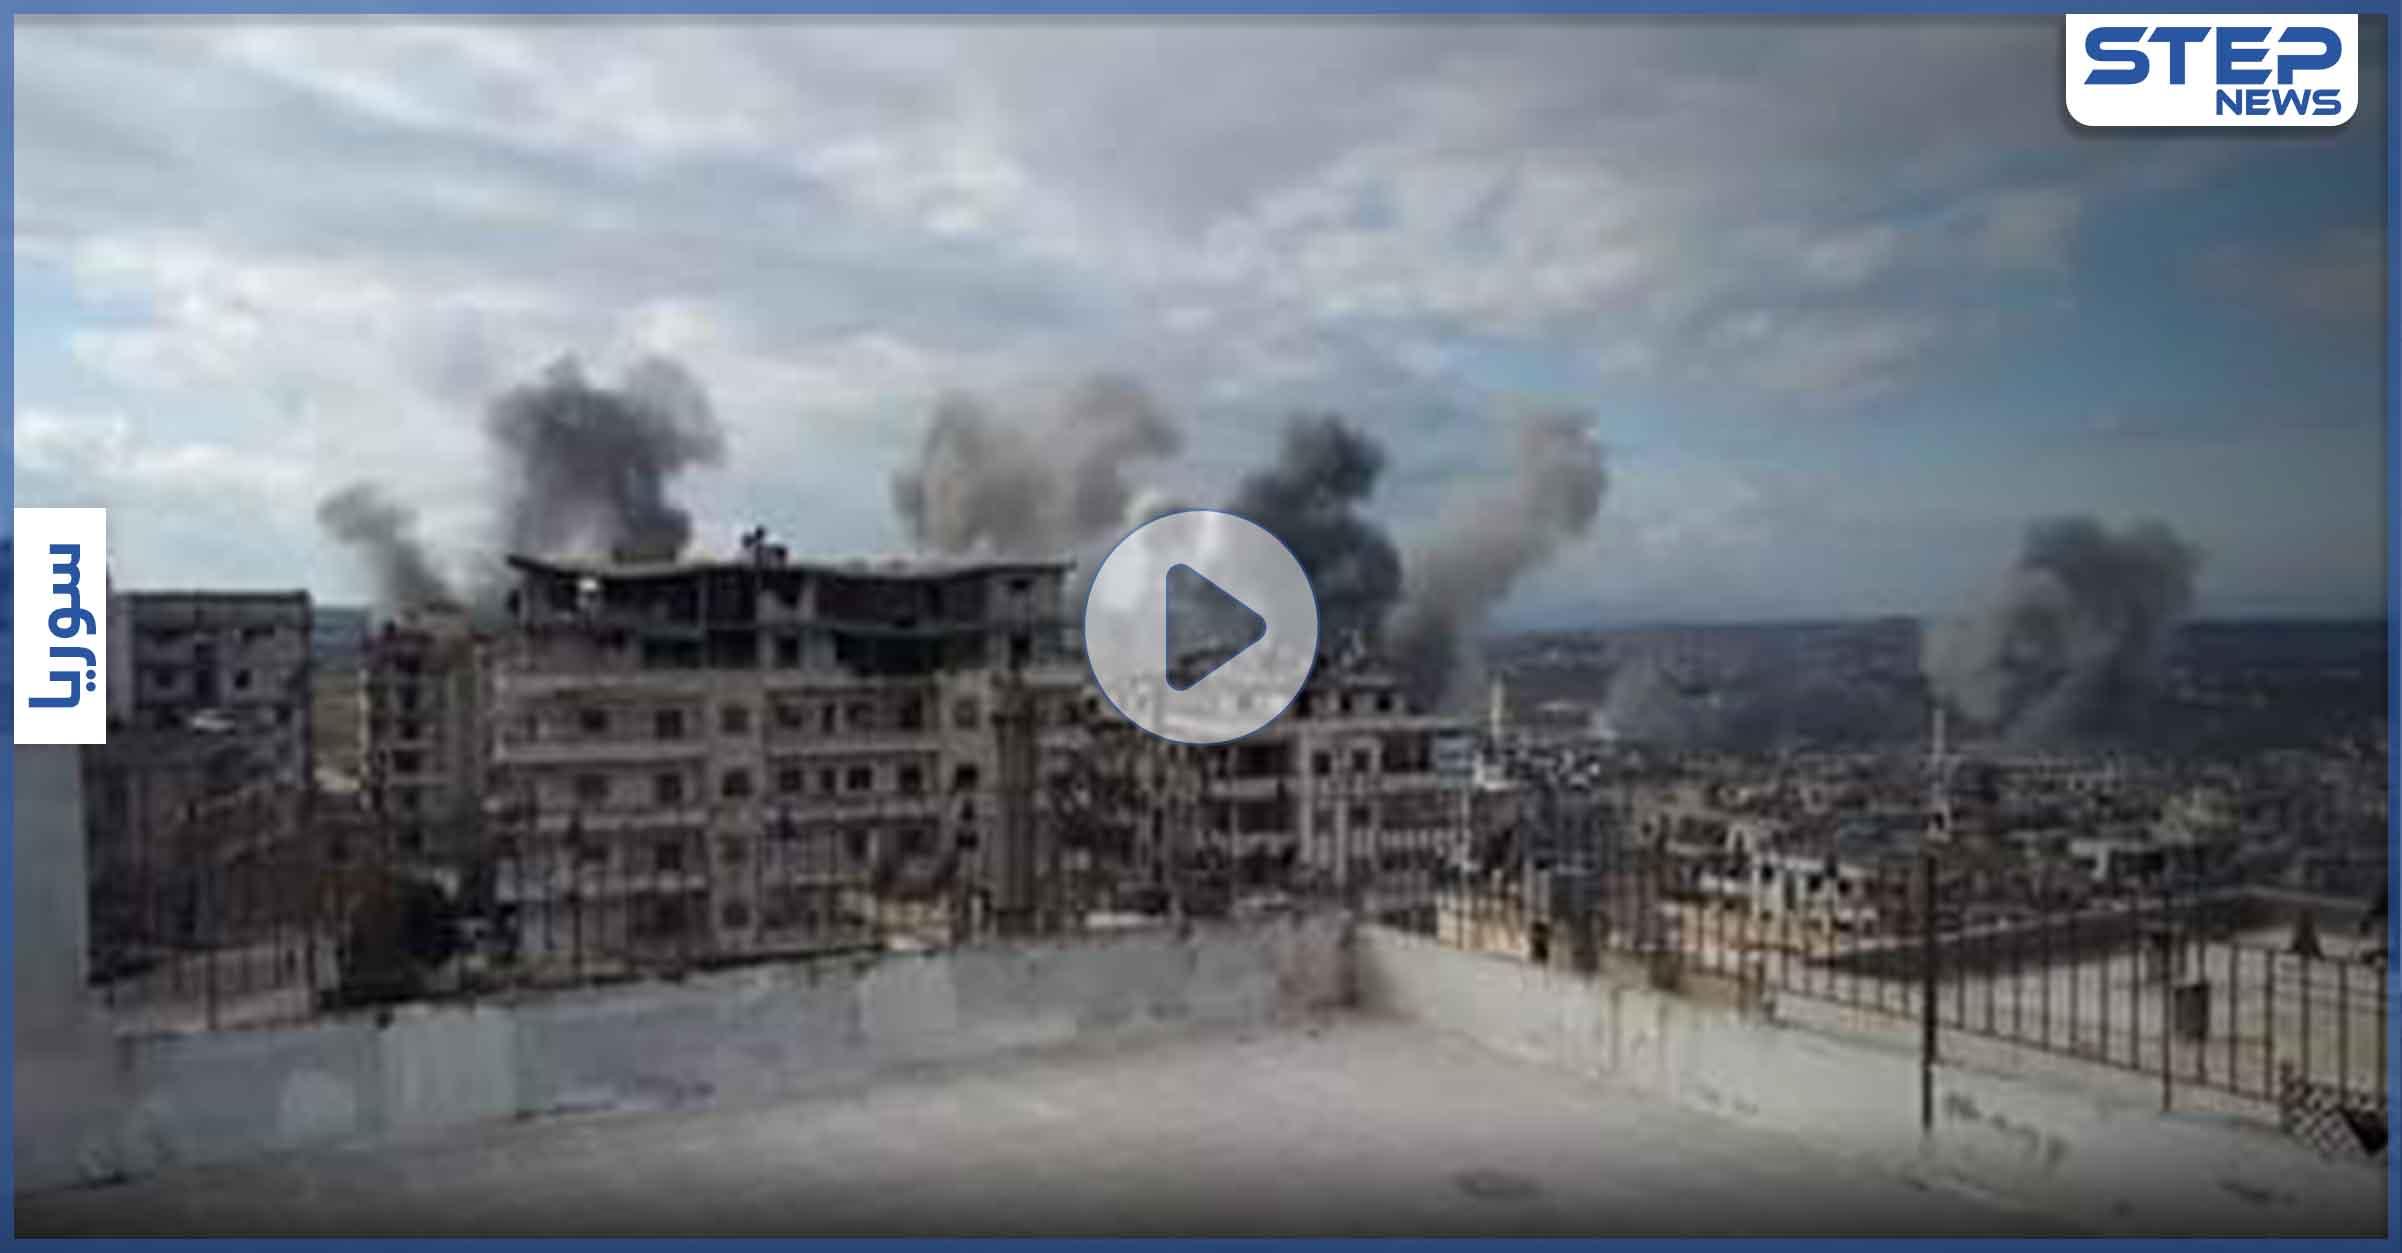 بالفيديو|| قصف صاروخي يوقع قتلى وجرحى مدنيين في إدلب.. وآخر يستهدف رتلاً تركياً